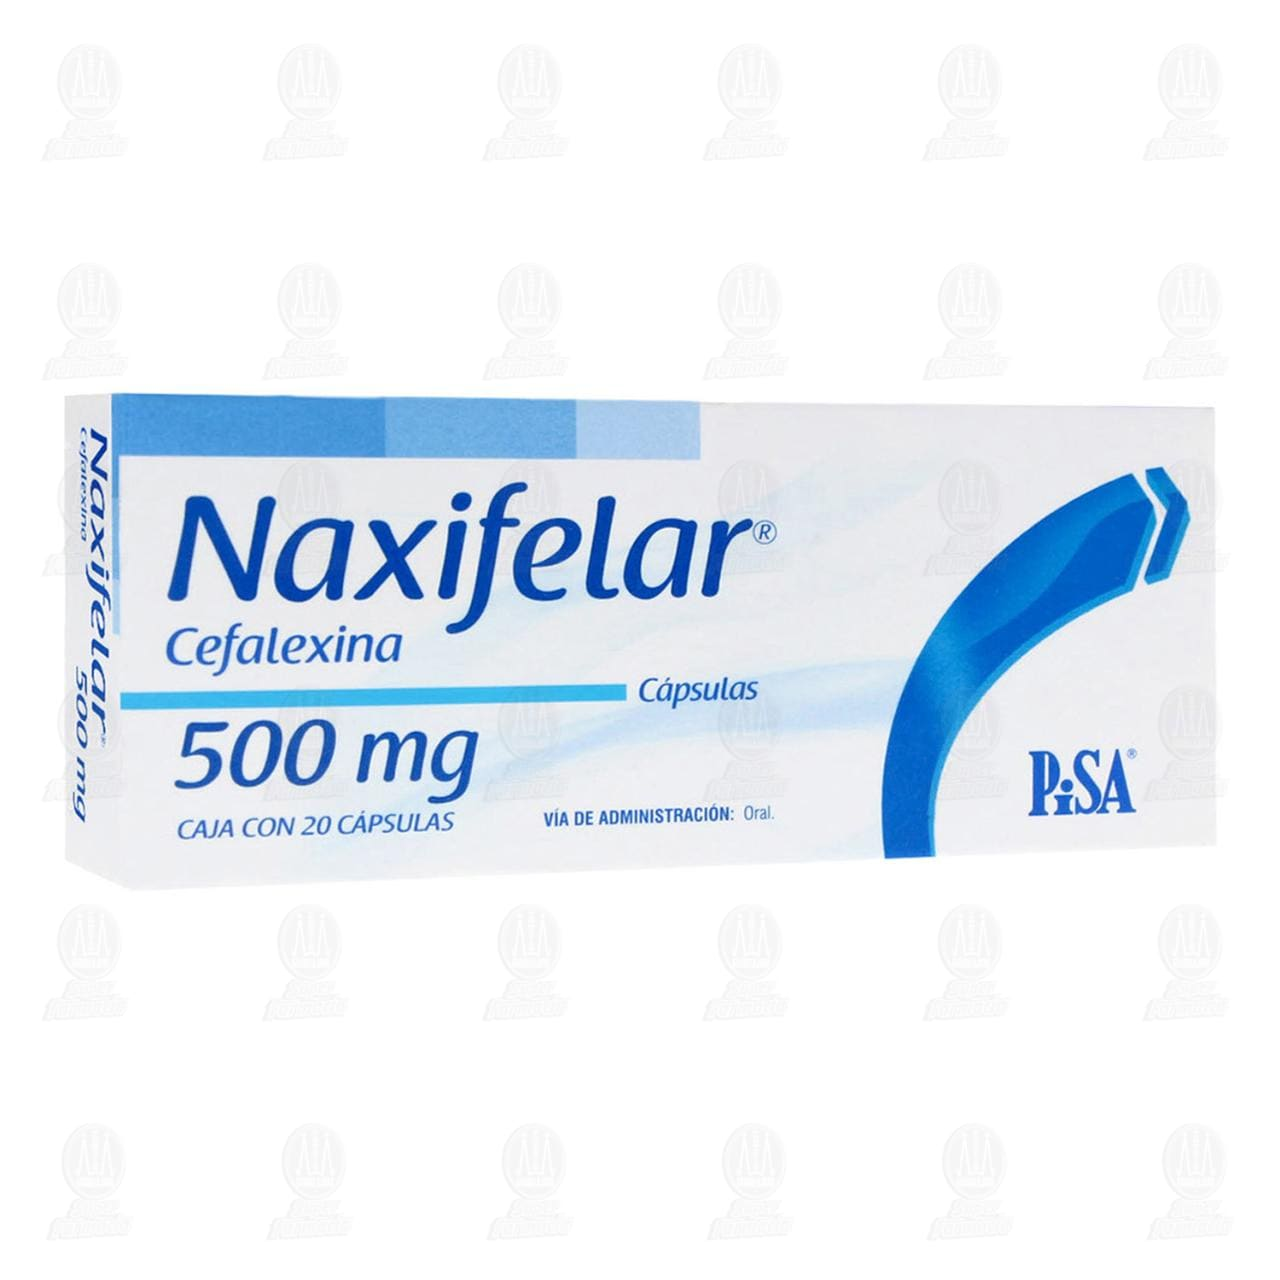 Comprar Naxifelar 500mg 20 Cápsulas en Farmacias Guadalajara